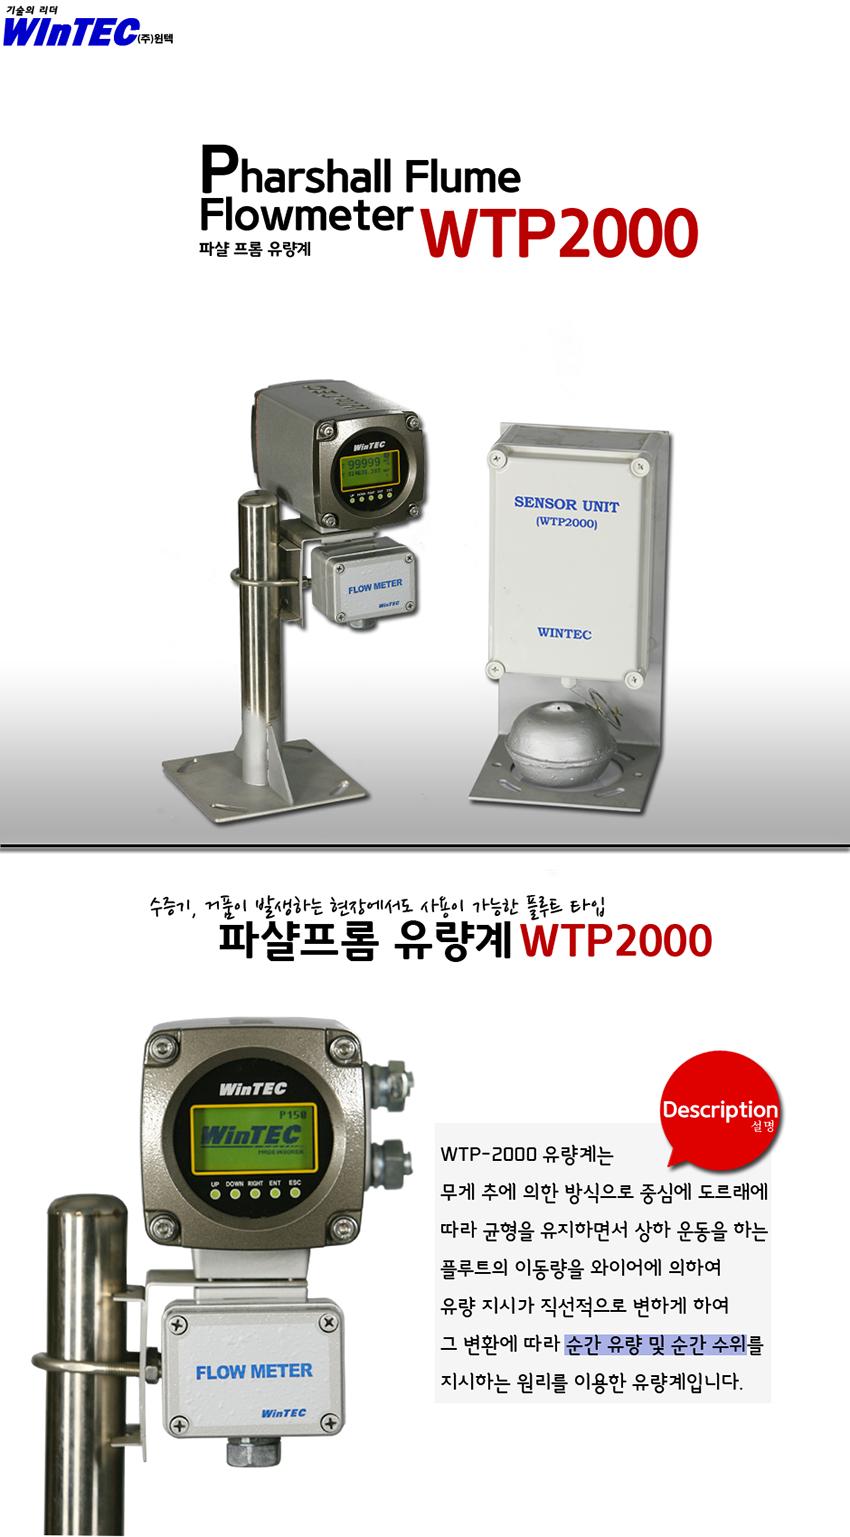 (주)윈텍 파샬플럼유량계 WTP2000